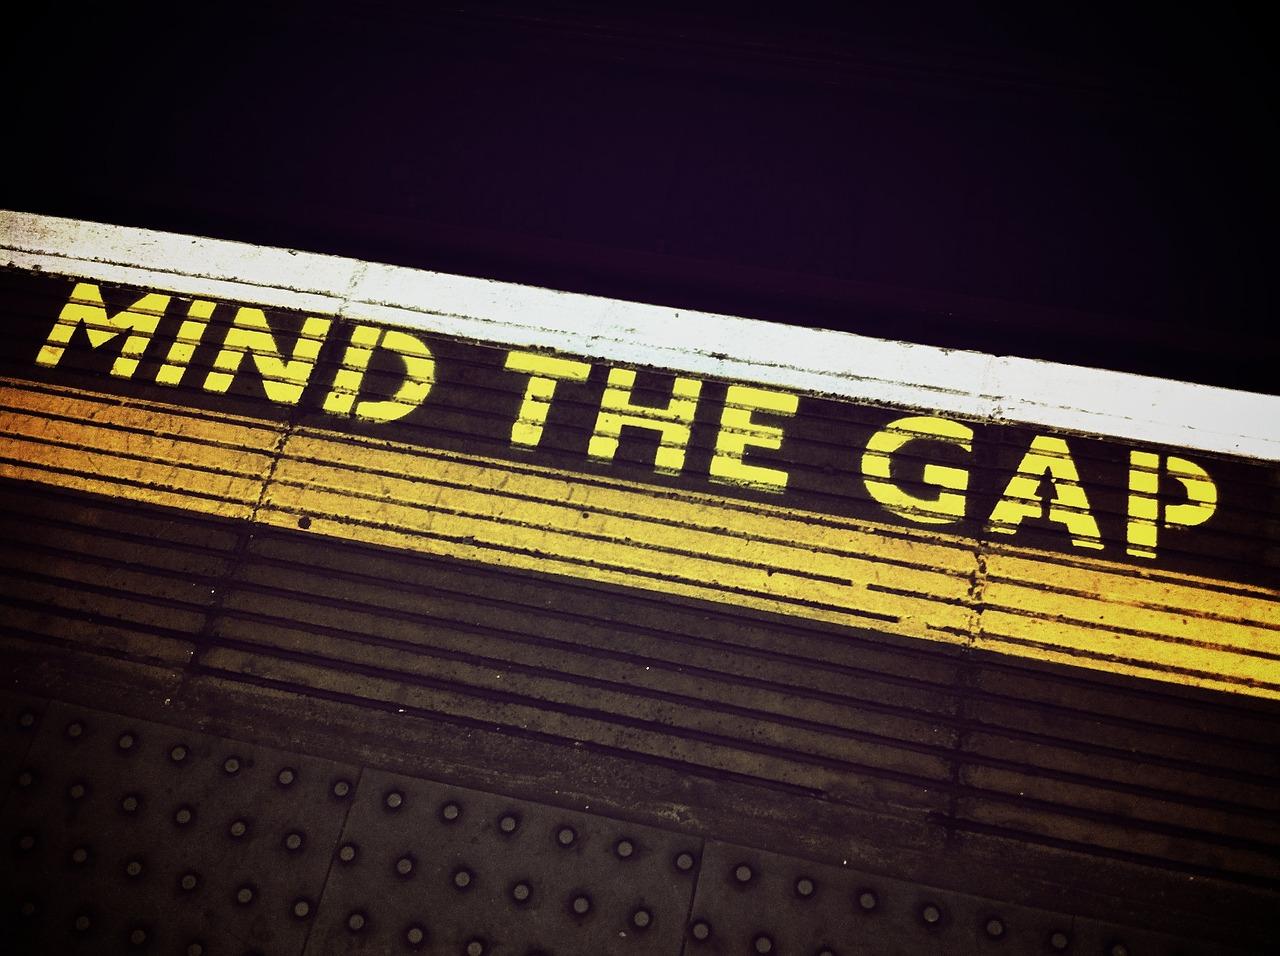 Пропасть между требованиями проекта и вашими знаниями